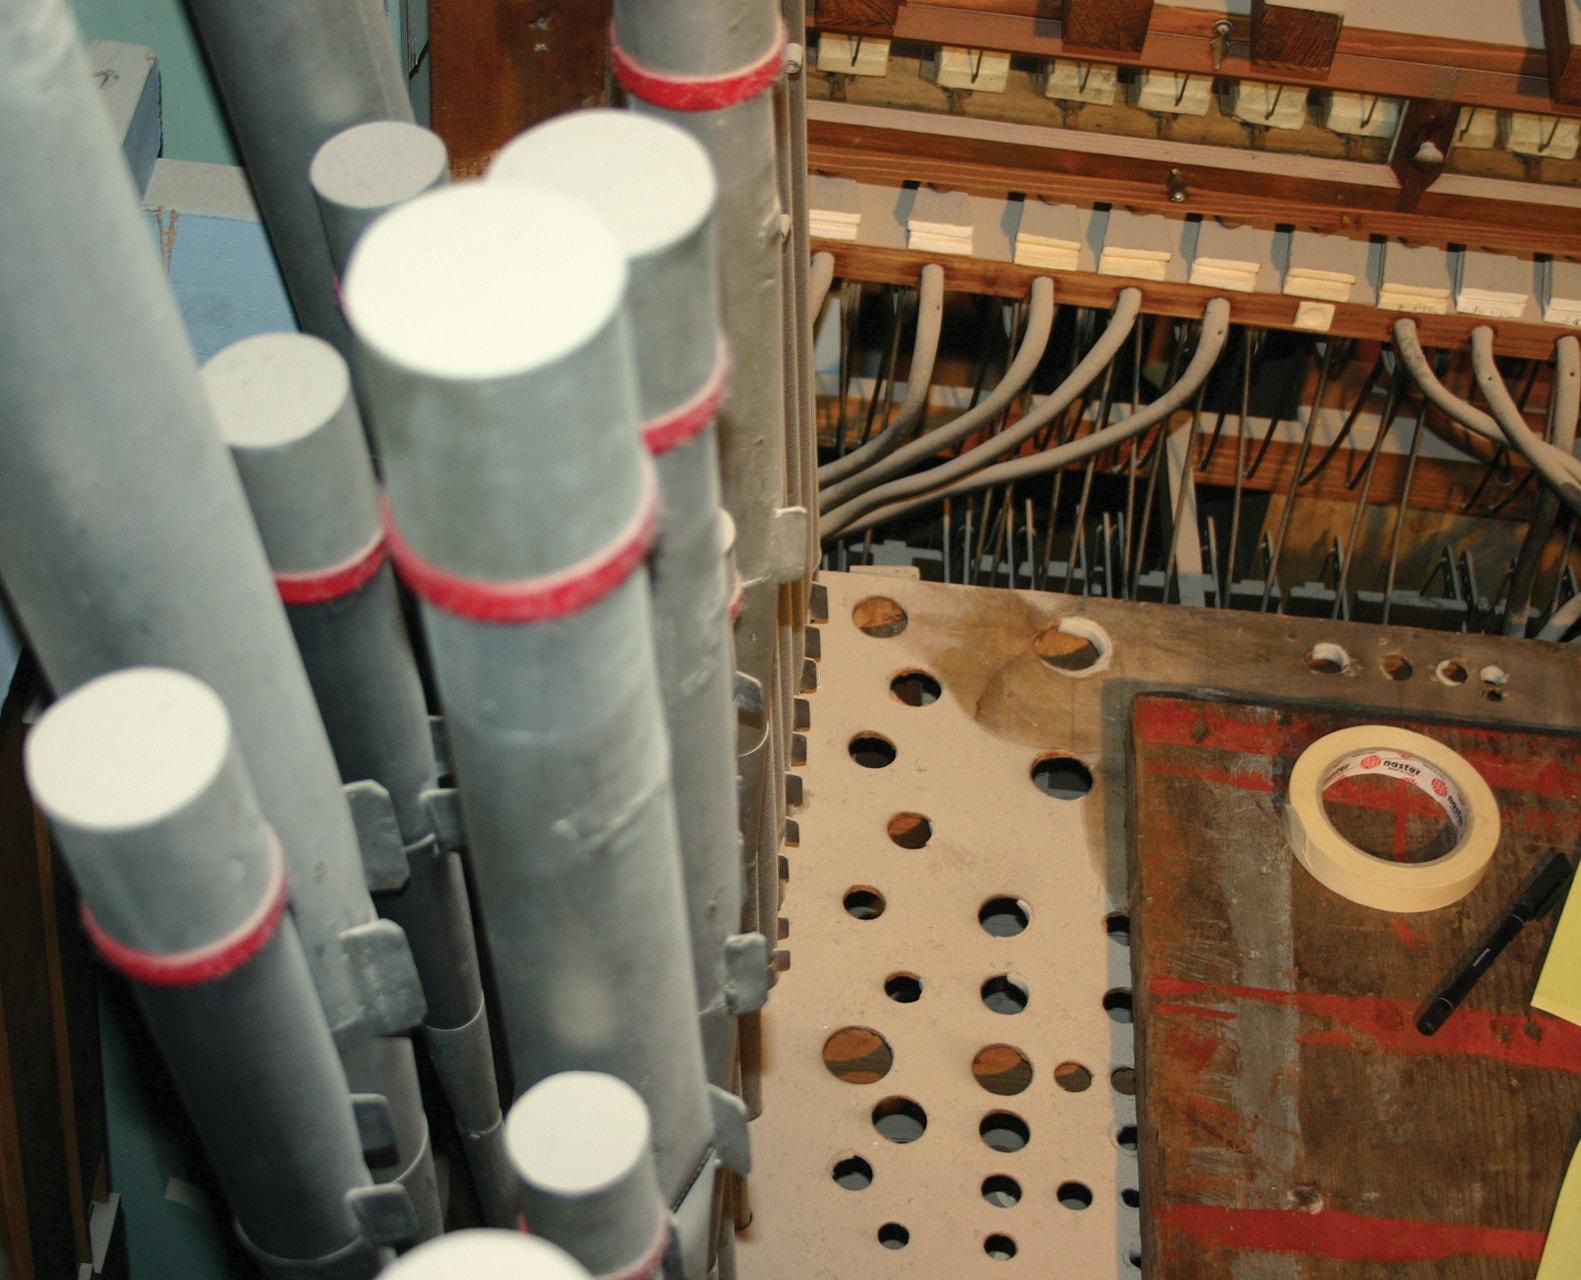 chiesa-santa-maria-suffragio-anime-sante-laquila-abruzzo-immagine-restauro-organo-9